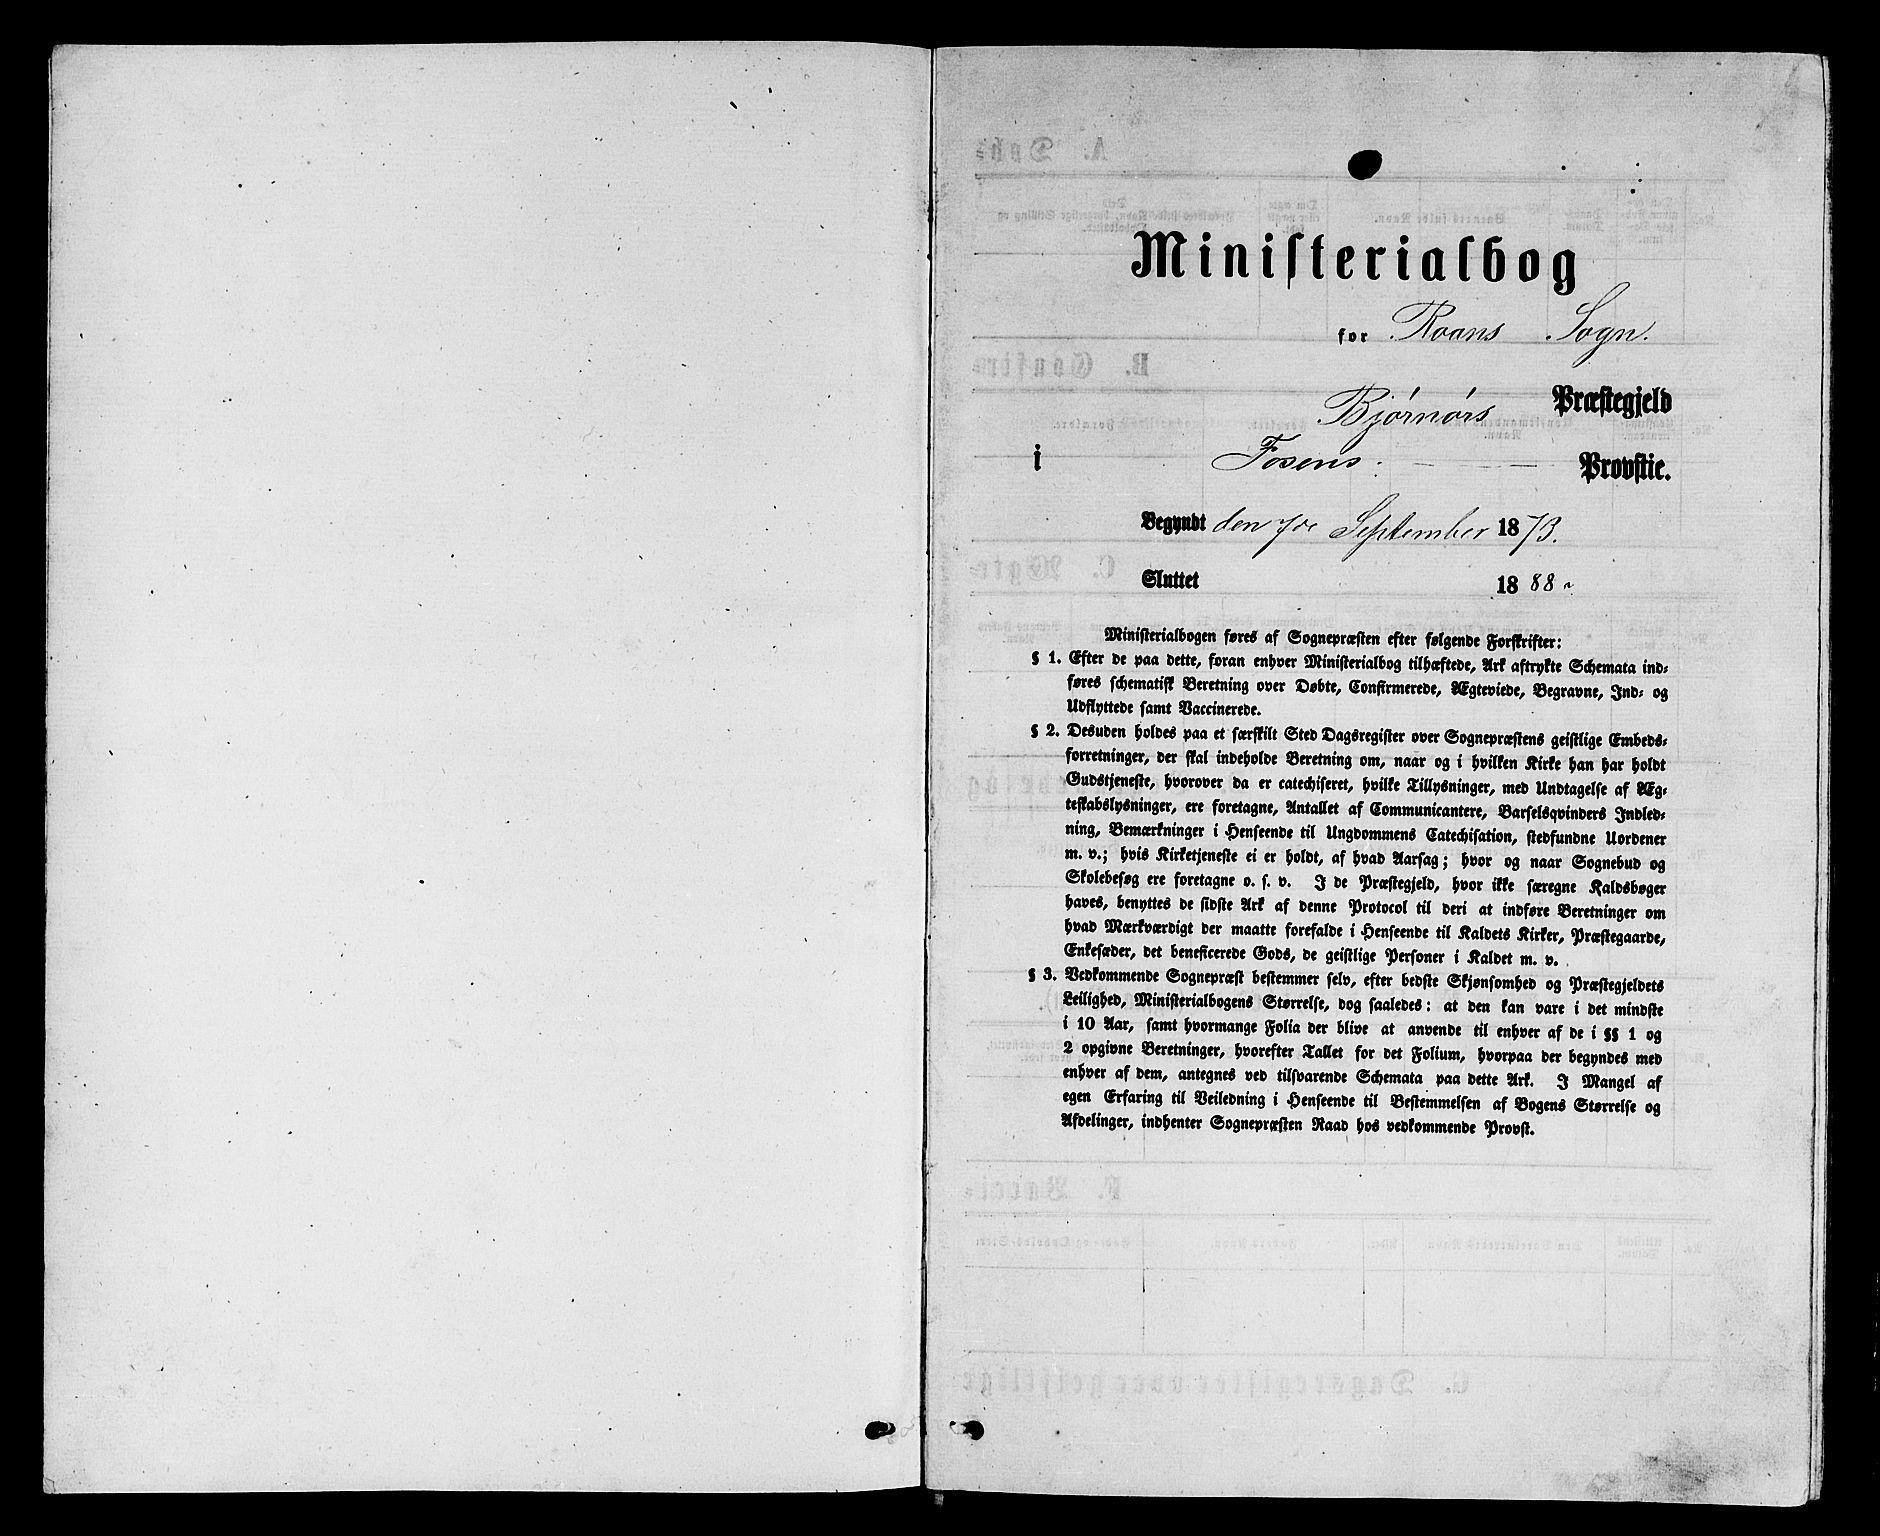 SAT, Ministerialprotokoller, klokkerbøker og fødselsregistre - Sør-Trøndelag, 657/L0715: Klokkerbok nr. 657C02, 1873-1888